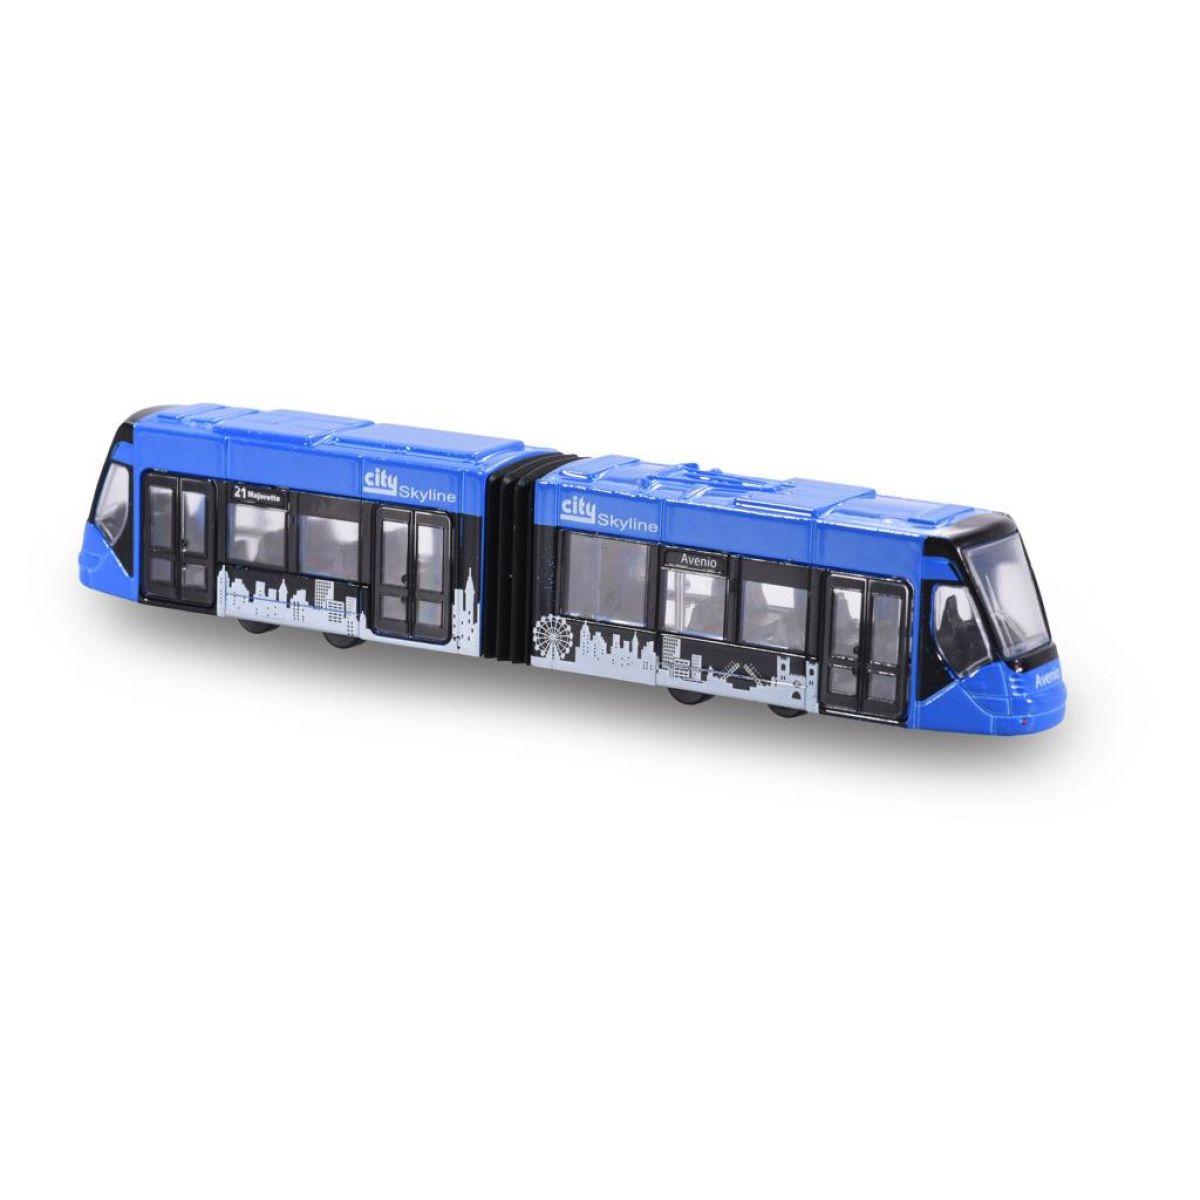 Majorette Tramvaj Siemens Avenio kovová Modrá